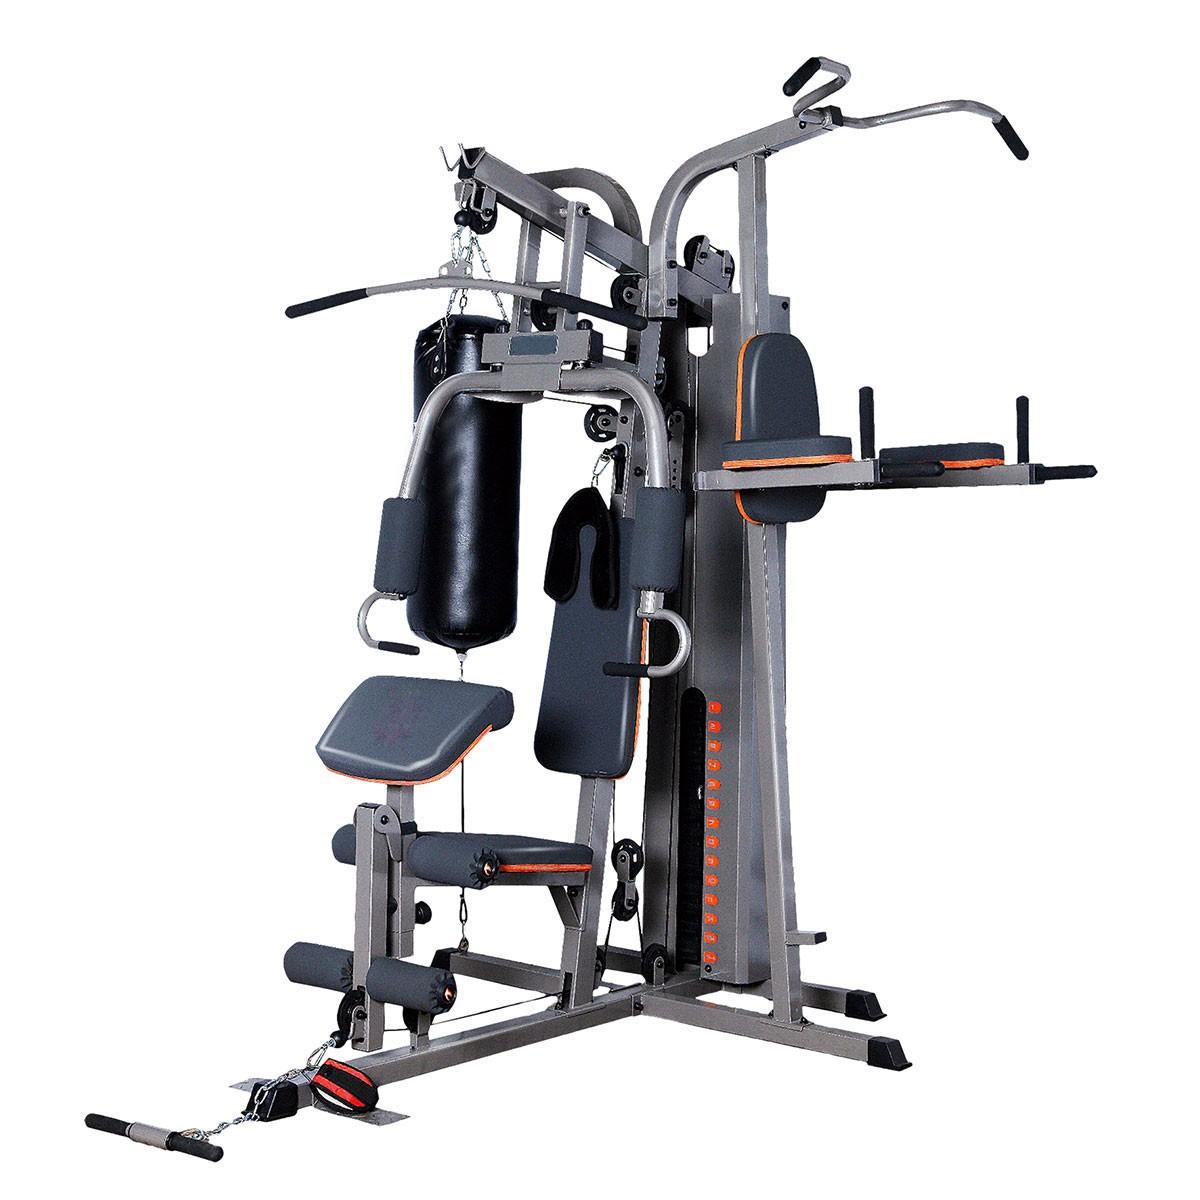 Appareil de Musculation à Domicile de Multi-Fonction pour Multi-utilisateur Simultanément (JX-1300)